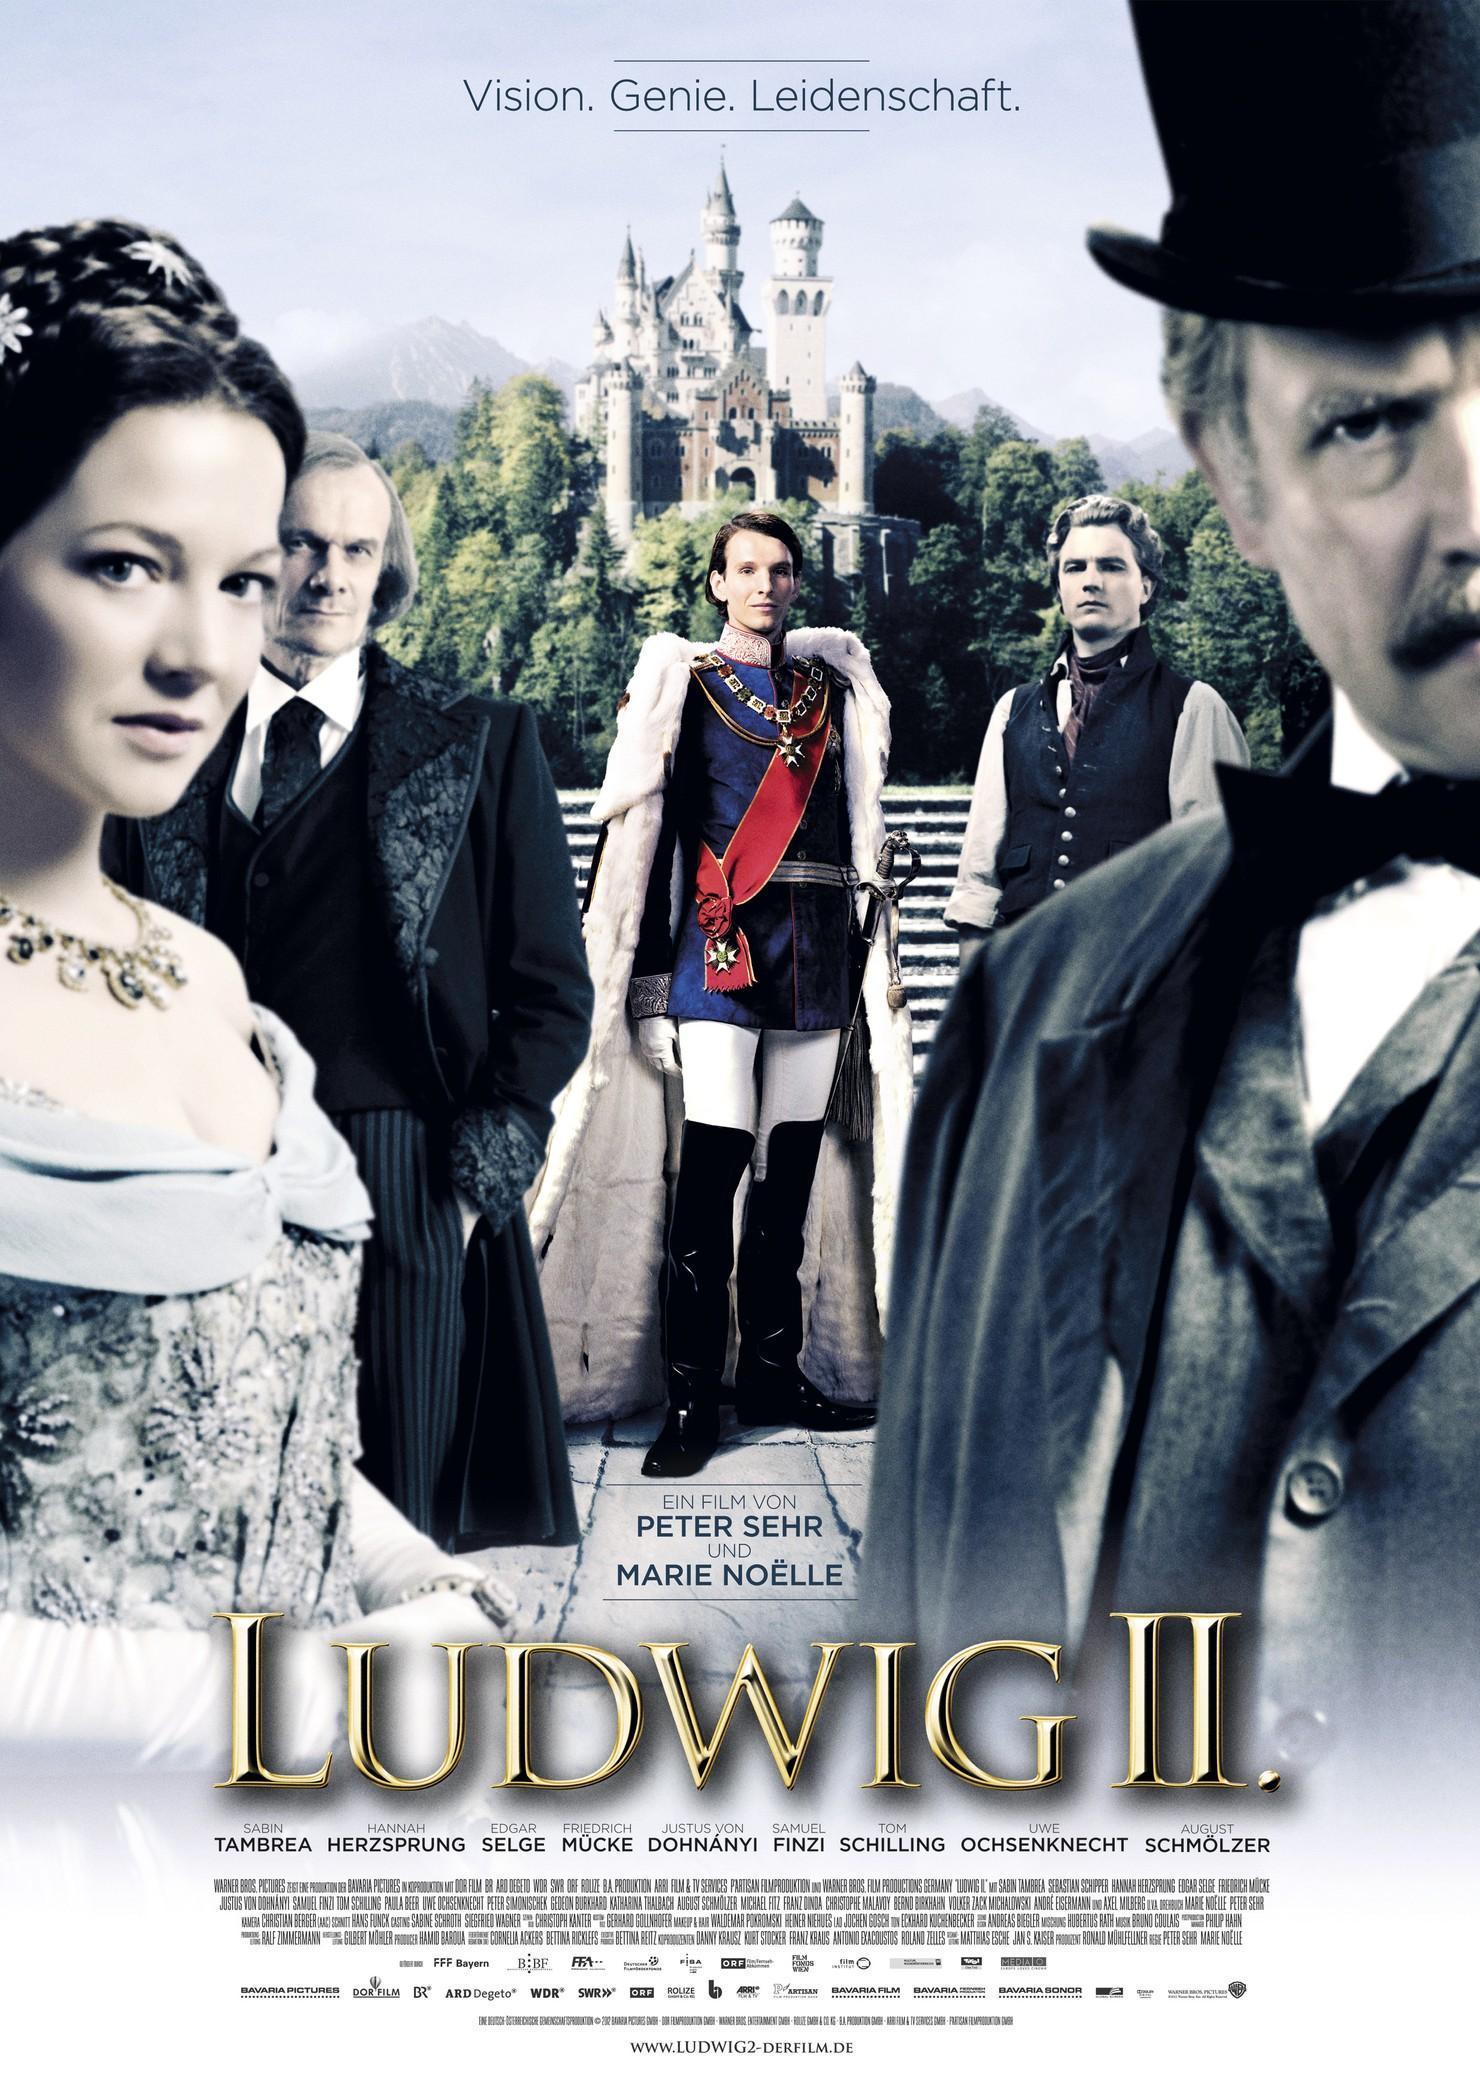 Ludwig II. (Poster)